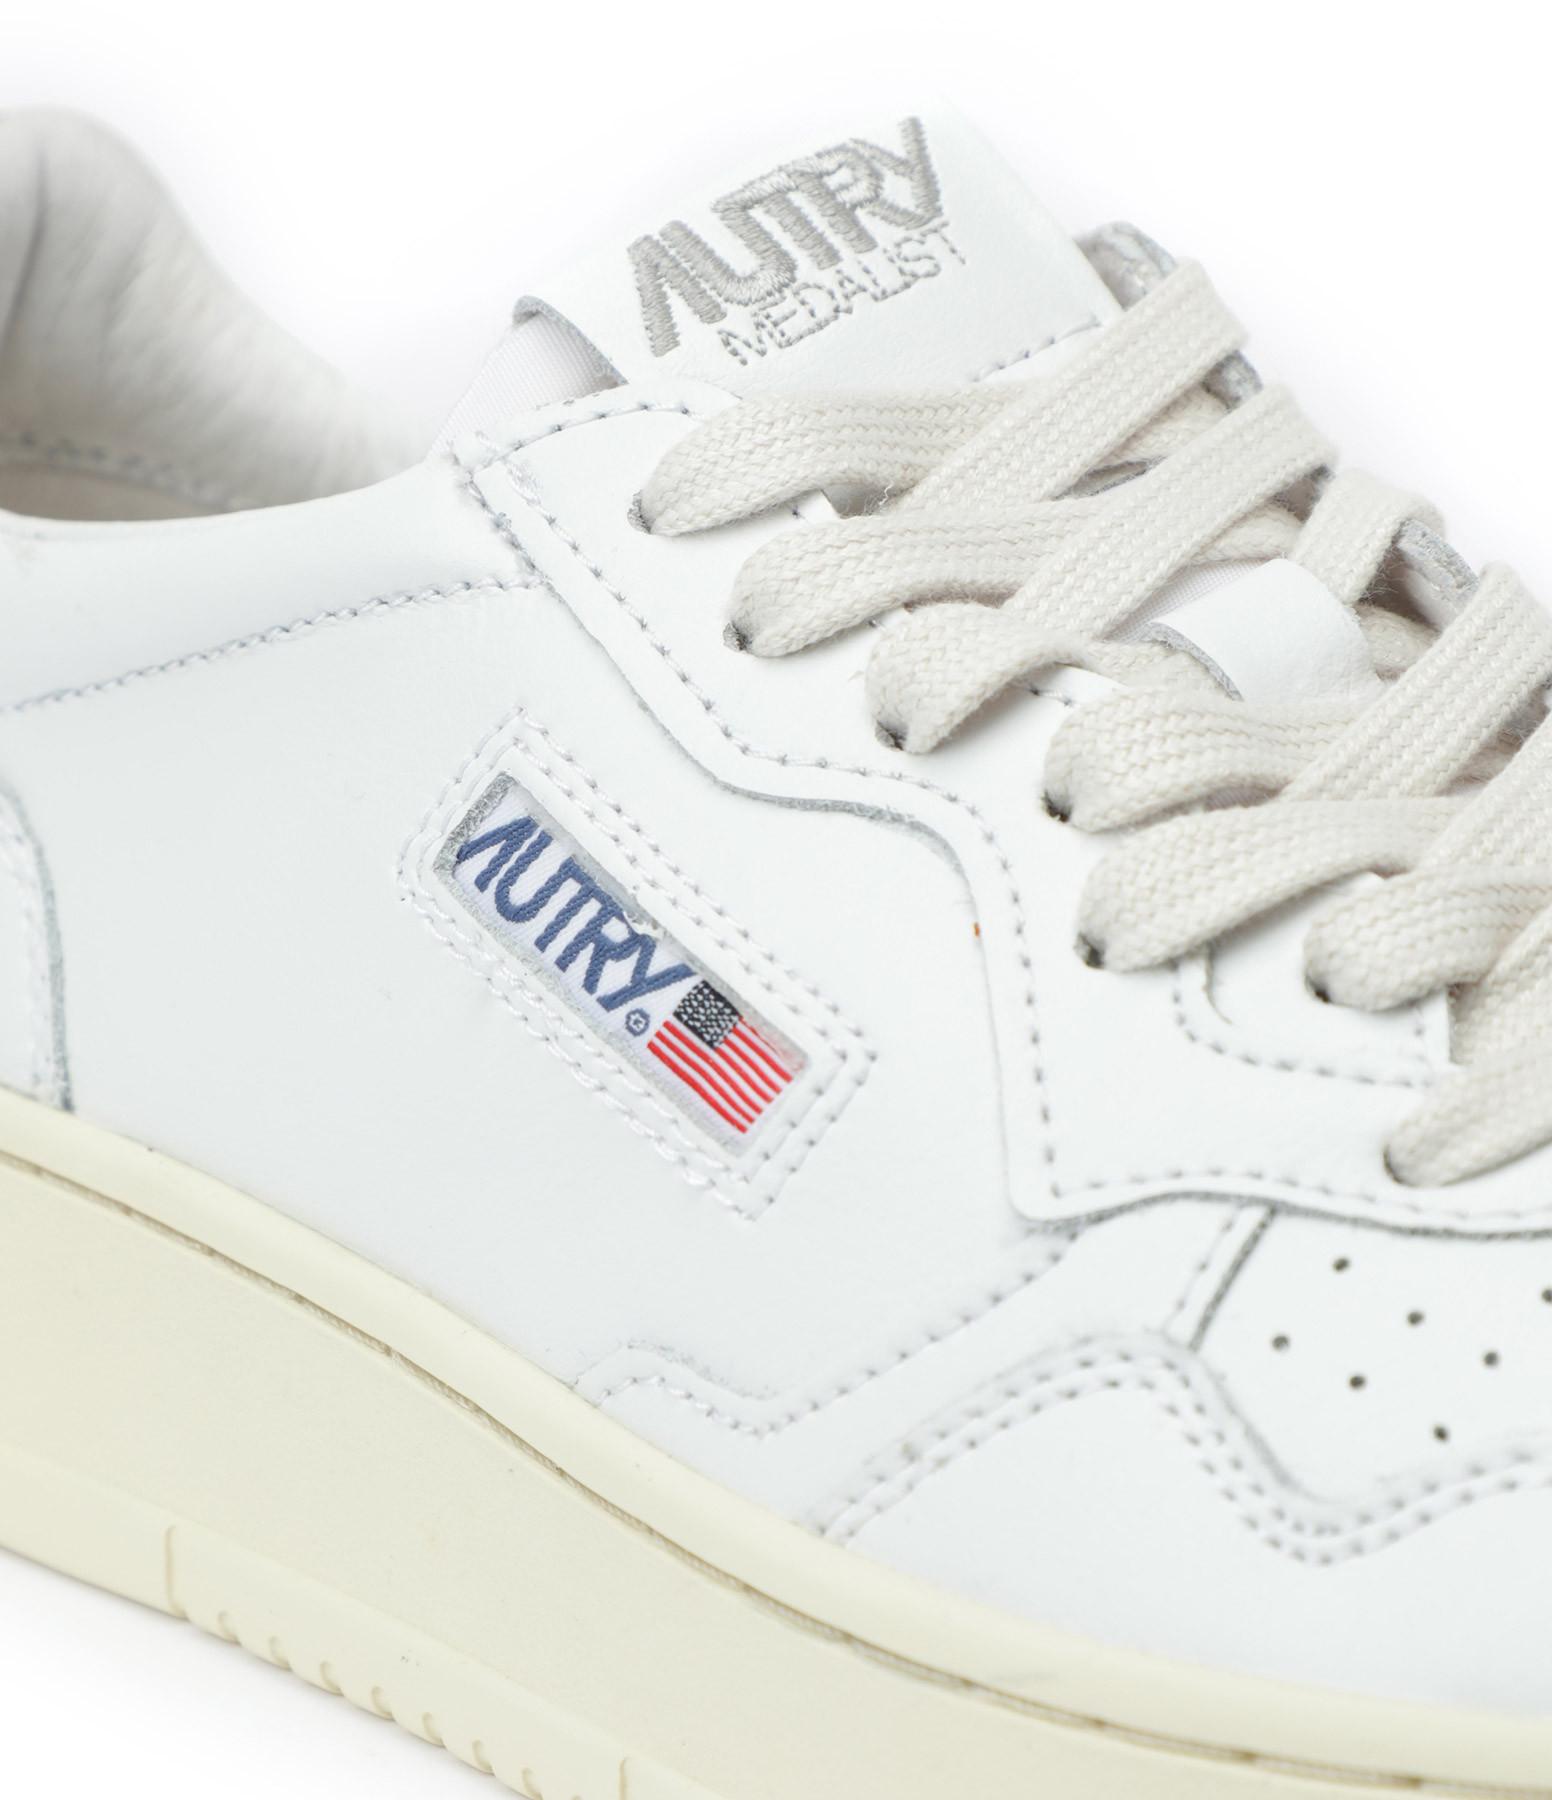 AUTRY - Baskets 01 Low Cuir Blanc Doré